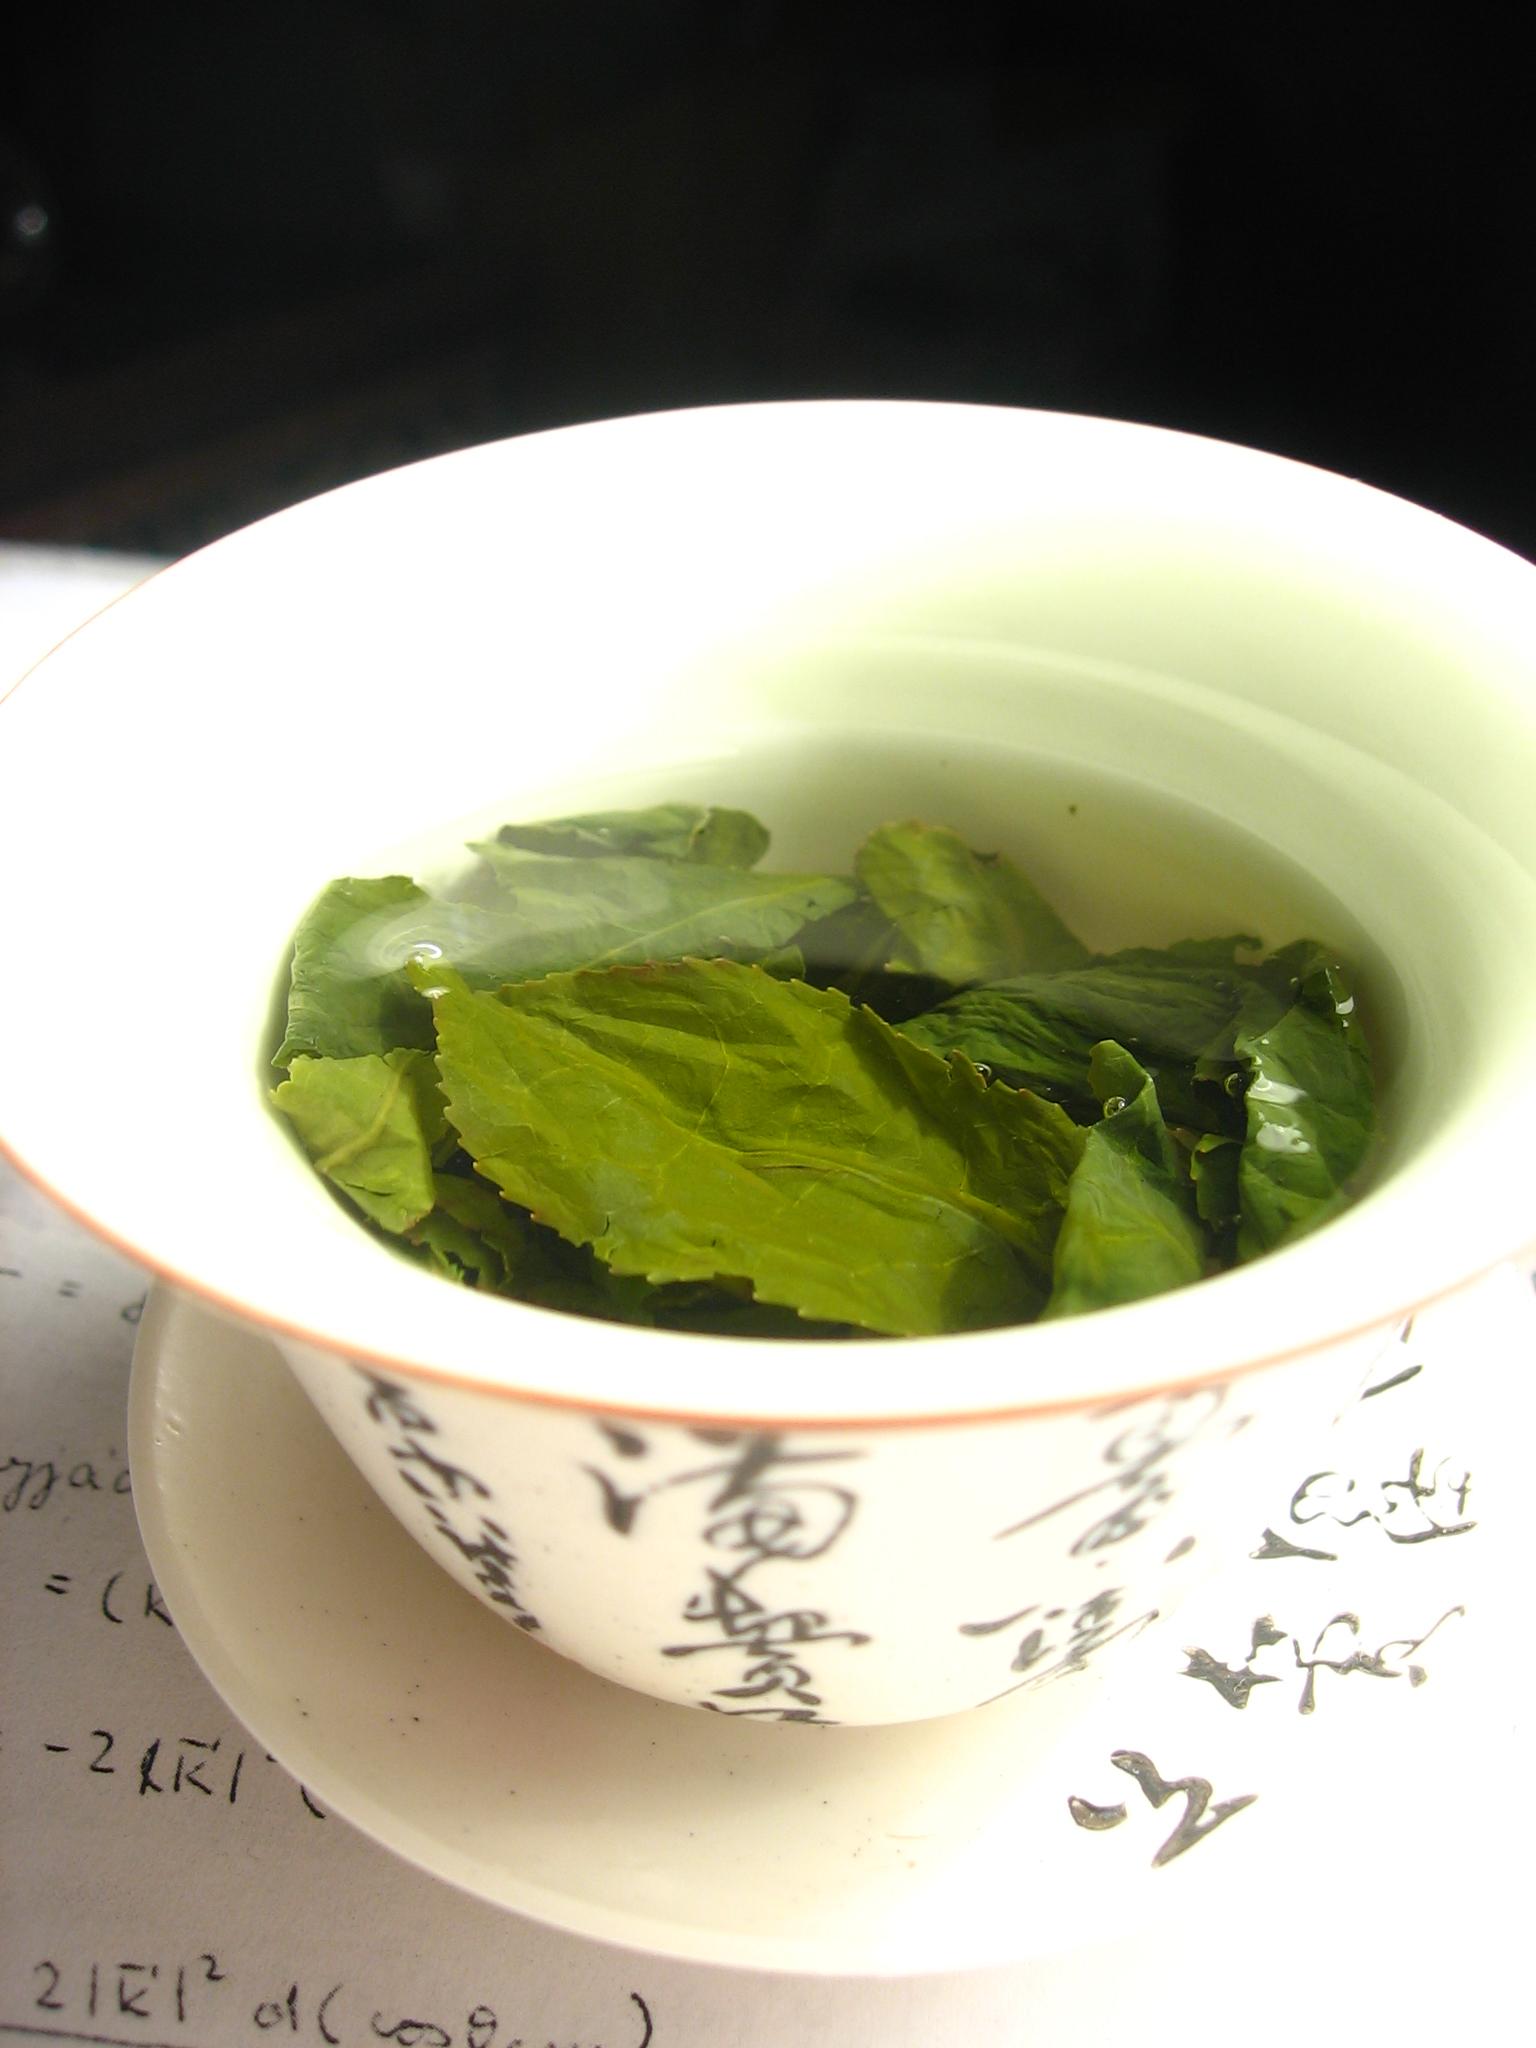 il tè nero lipton ti aiuta a perdere peso